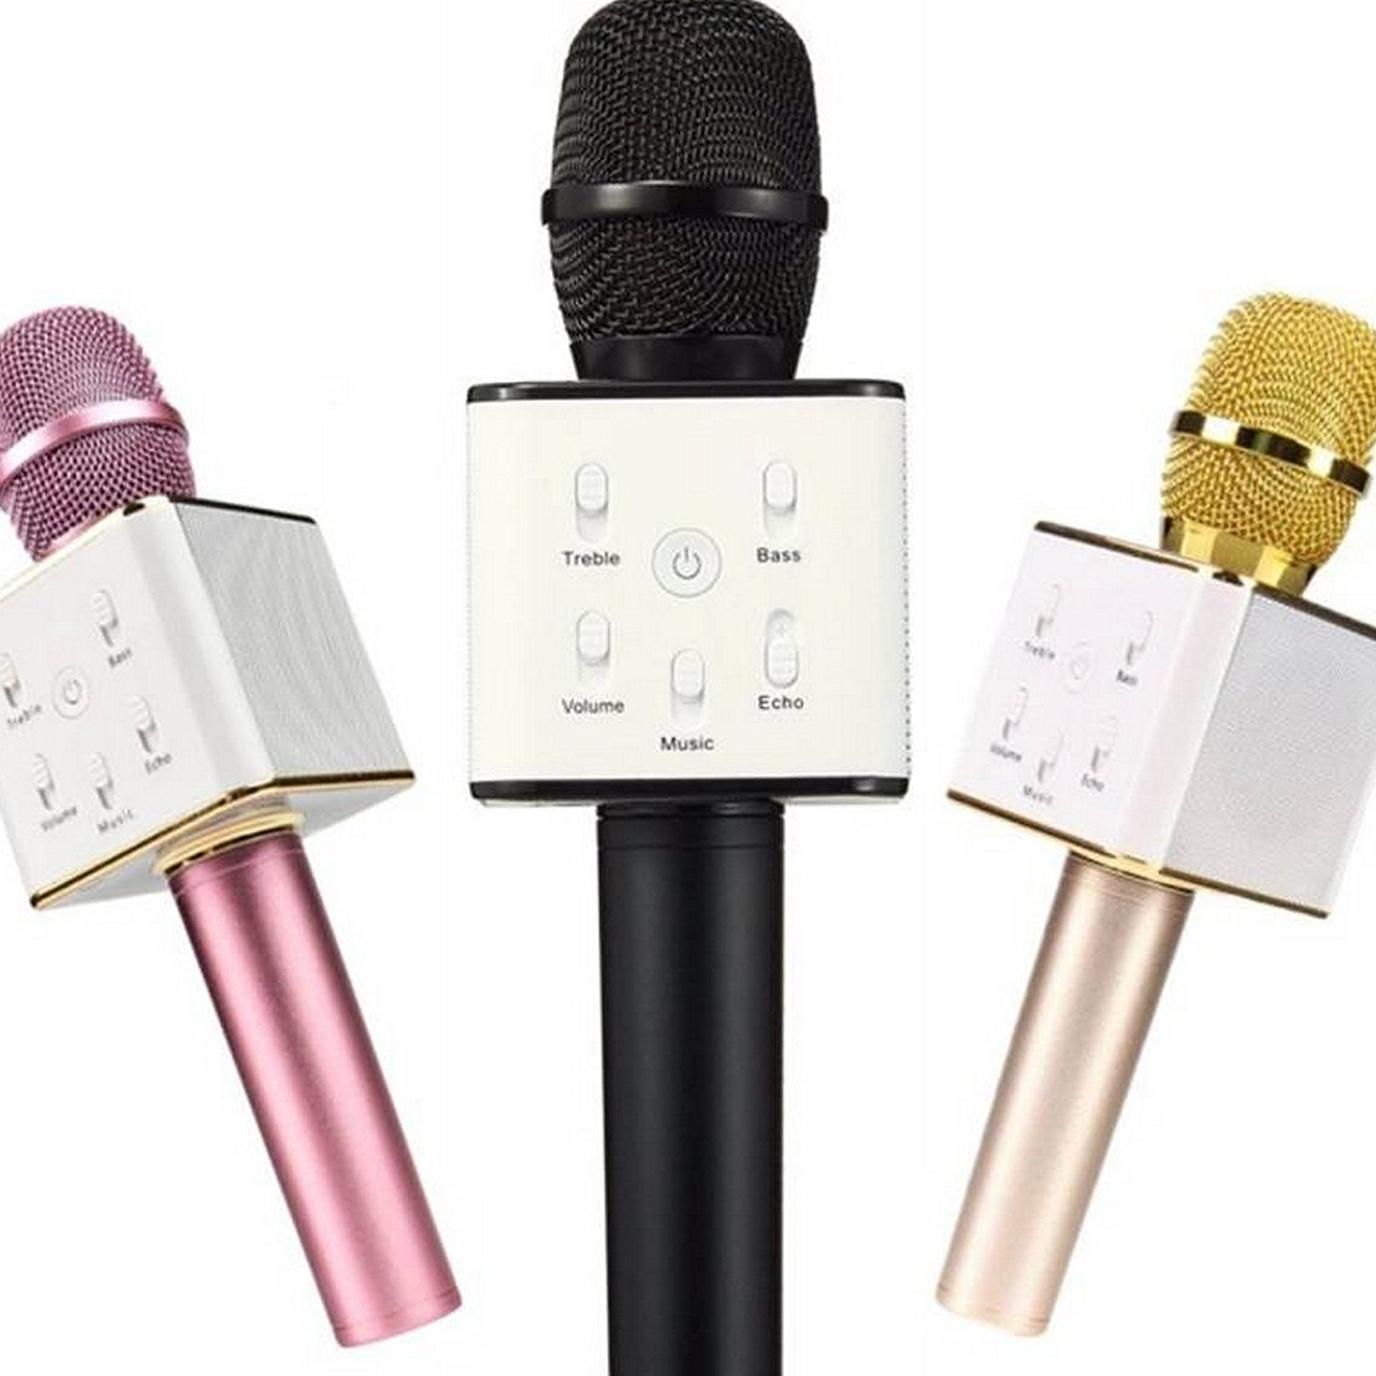 Giá Bán Microphone Khong Day Cao Cấp Chuyen Karaoke Microphone Mini Mix Hat Karaoke Mix Karaoke Q9 Micro Bluetooth Q7 Lv002 Chất Lượng Nhất Lazada Mẫu Mới Nhất 2018 Bảo Hanh 1 Đổi 1 Bởi I Tech